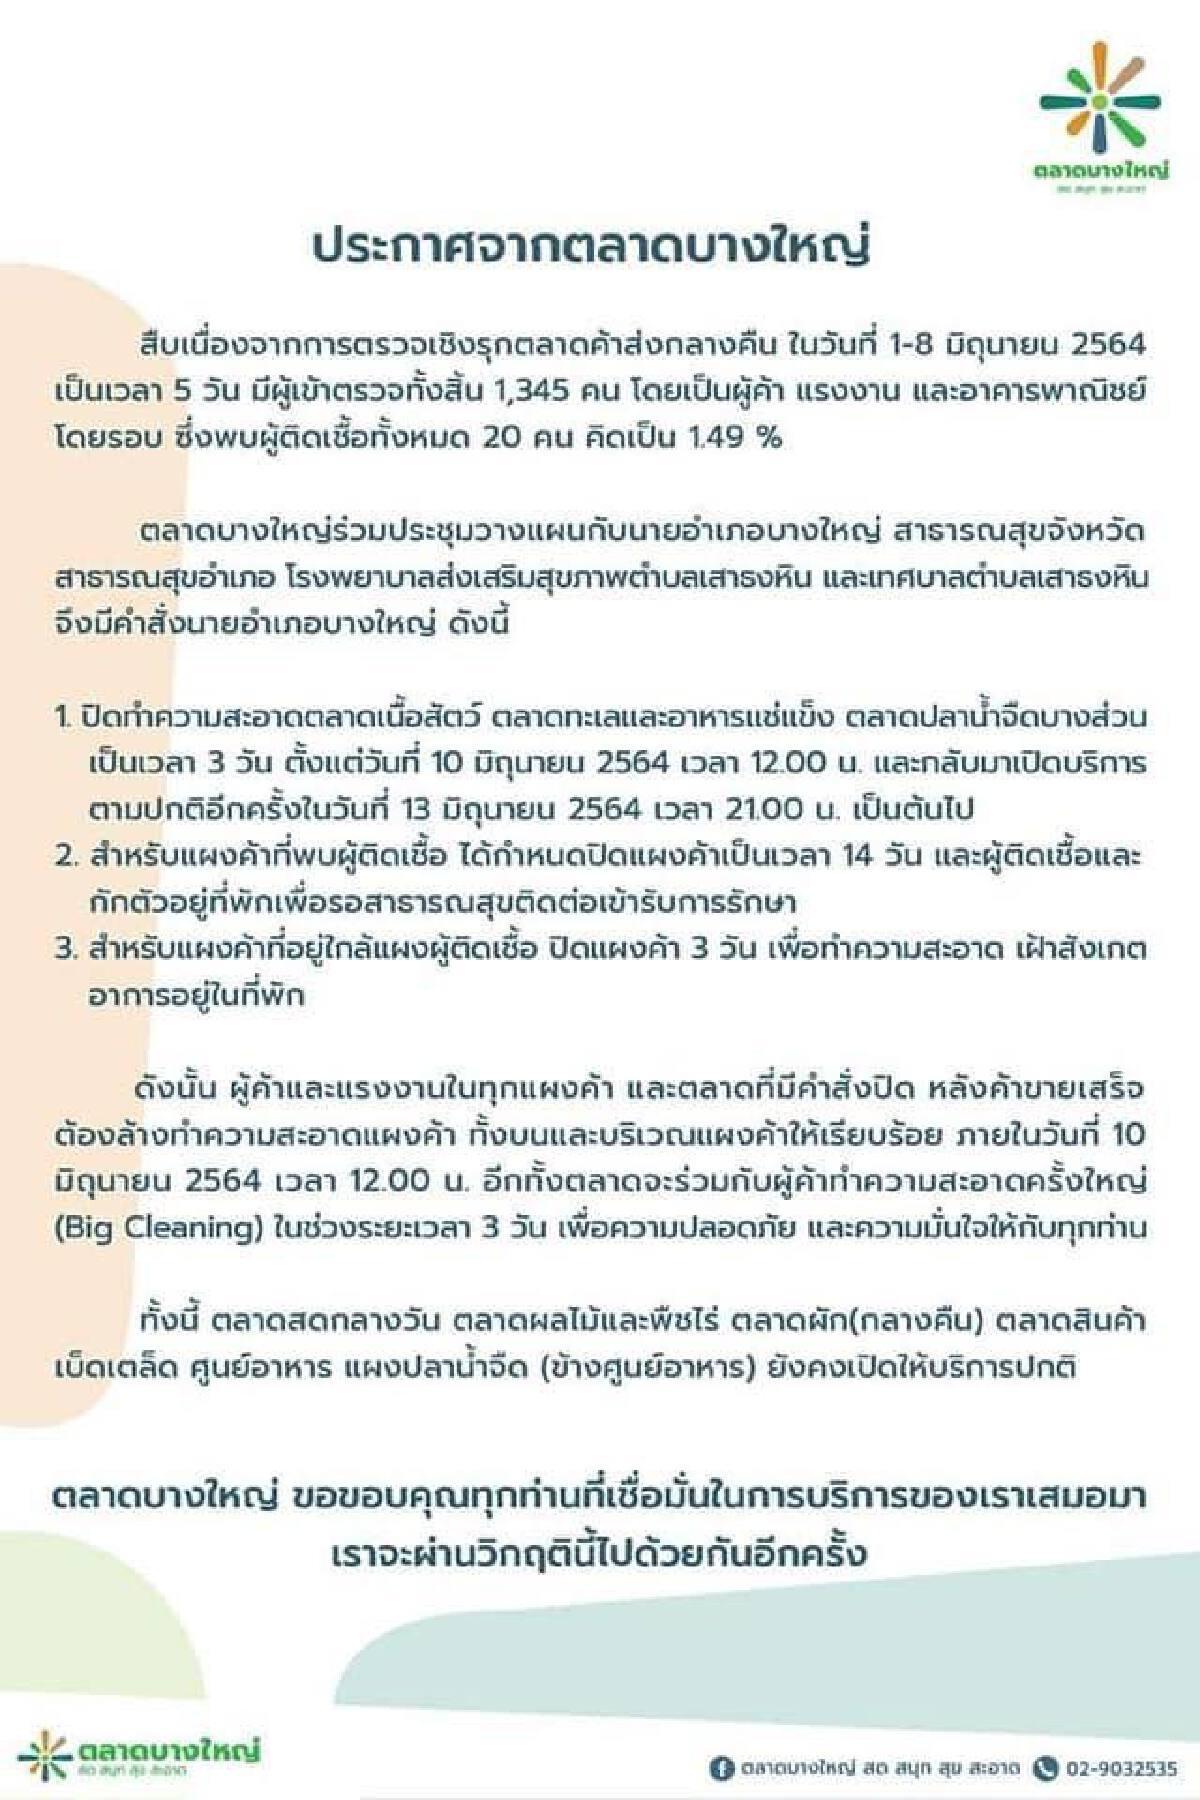 นนทบุรี สั่งปิดตลาดบางใหญ่3วัน เเผงค้าที่พบผู้ติดเชื้อโควิดให้ปิด14วัน